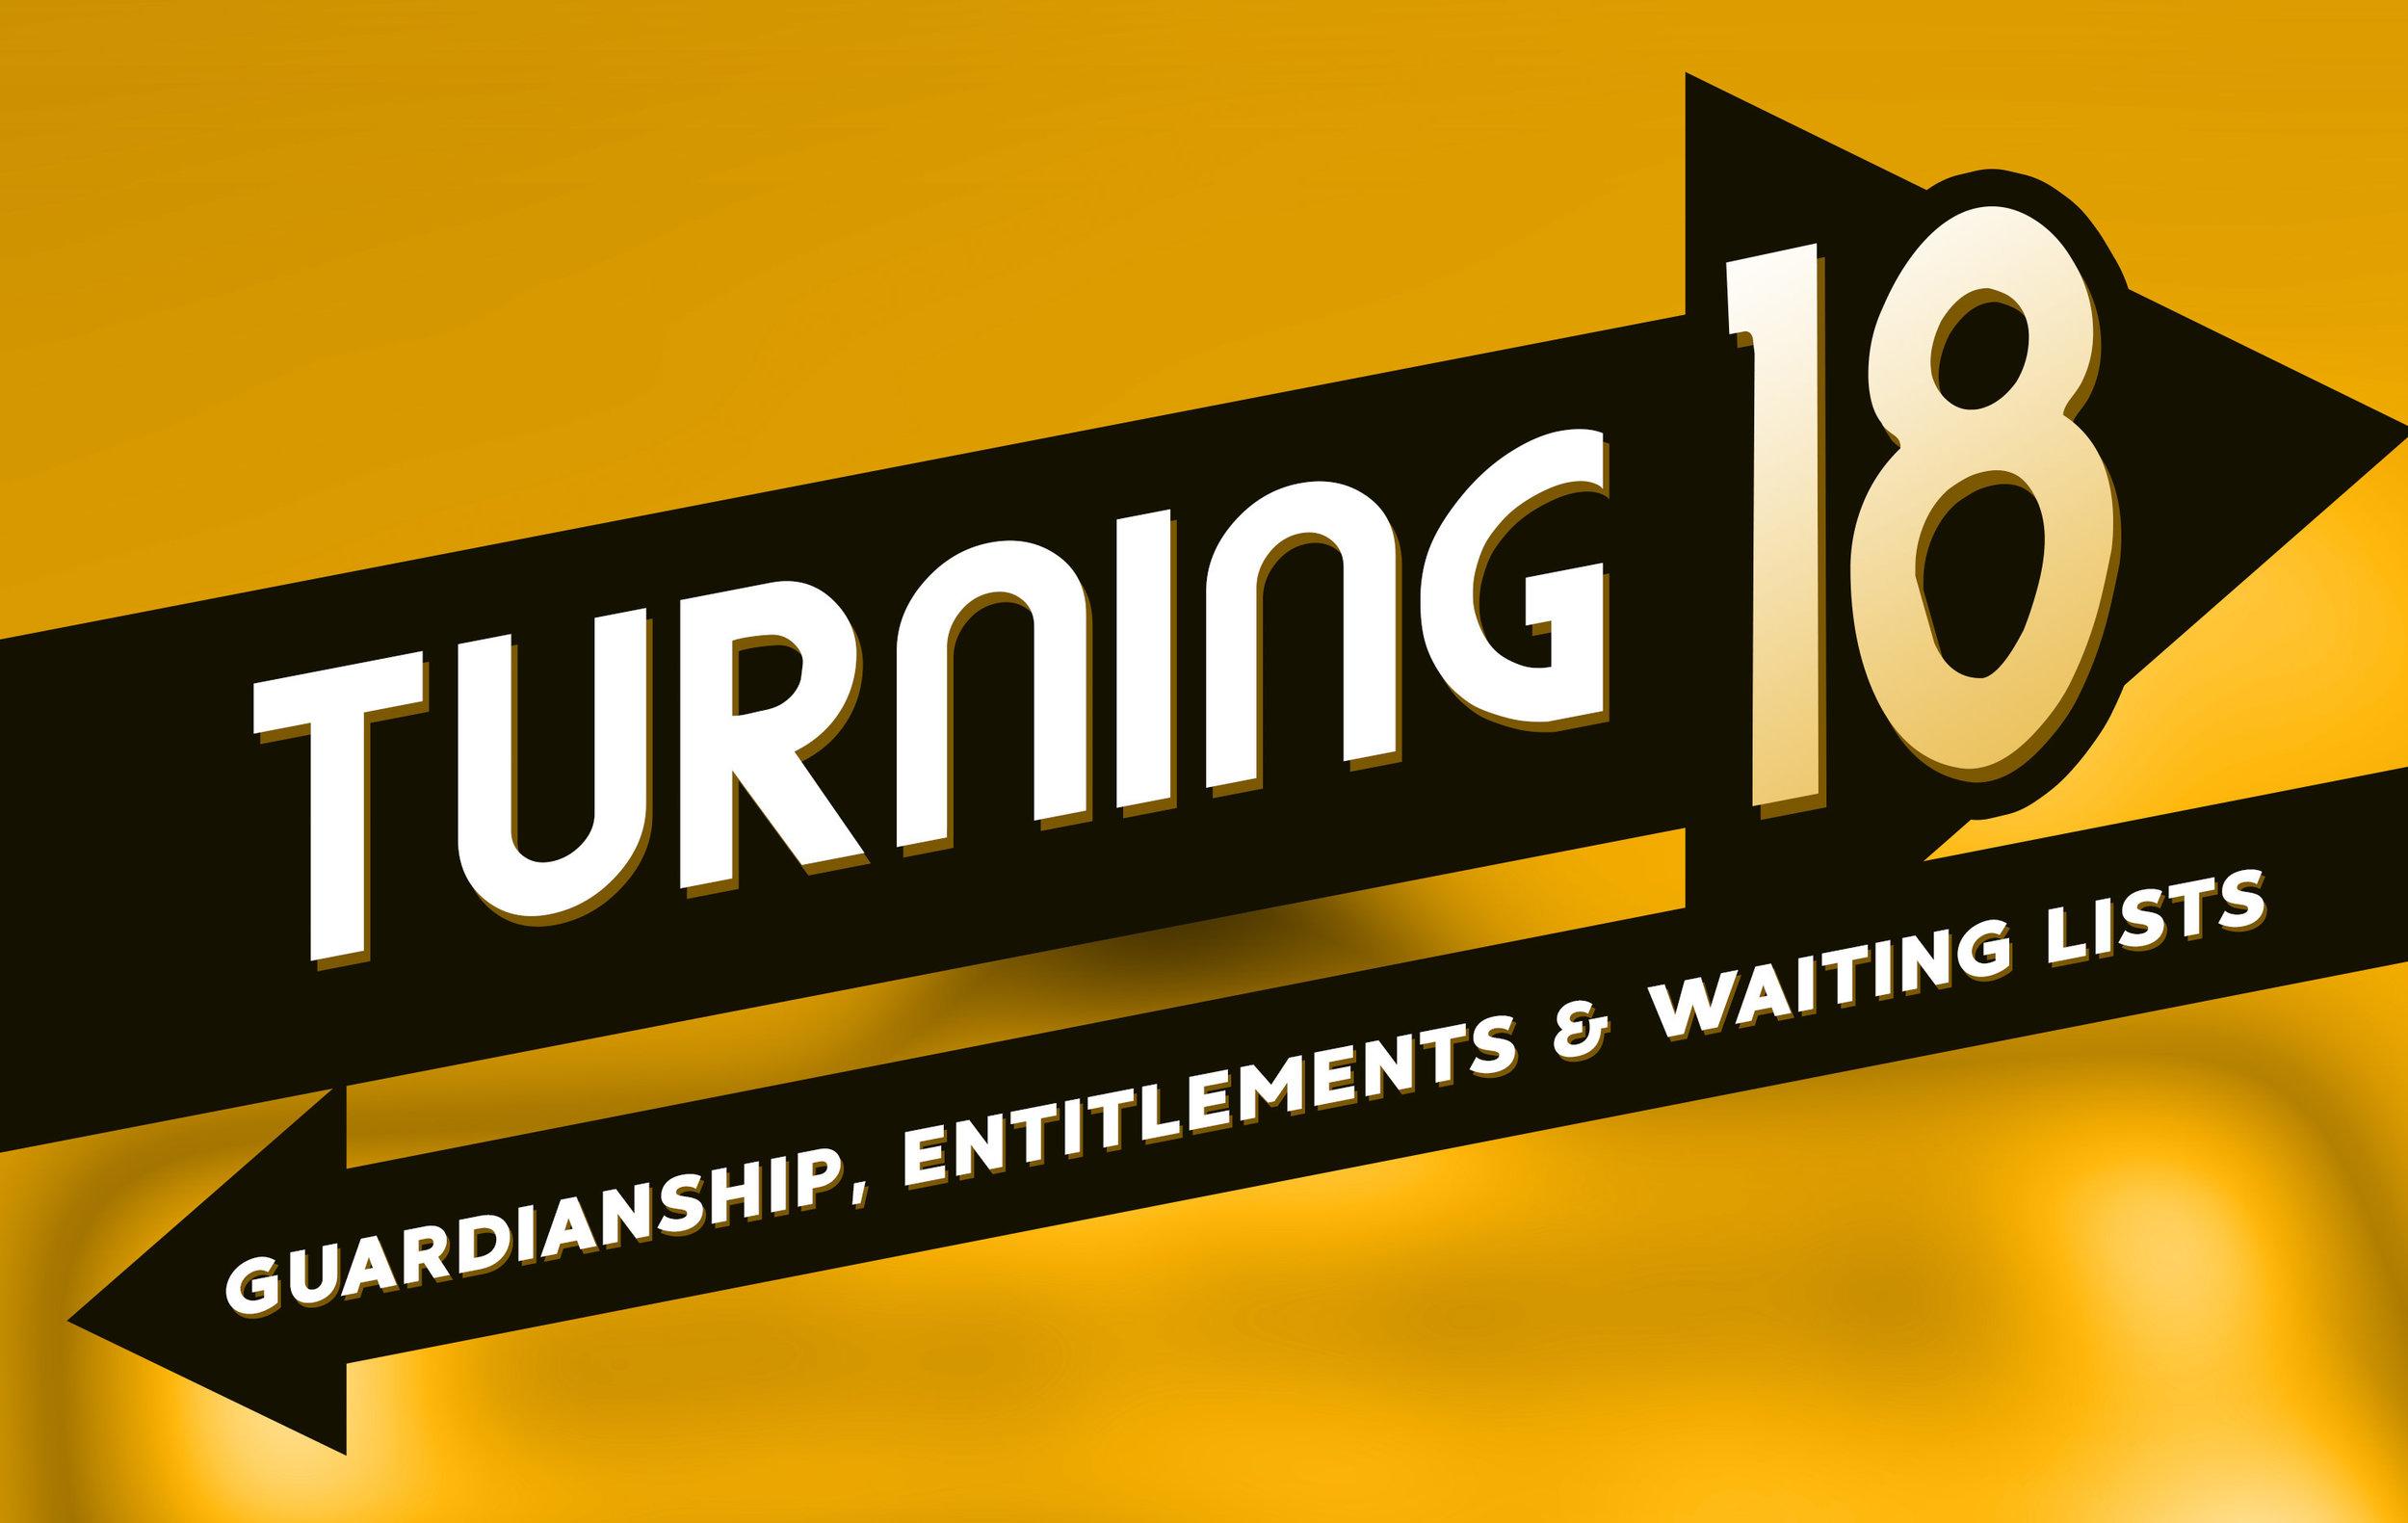 Turning 18.jpg